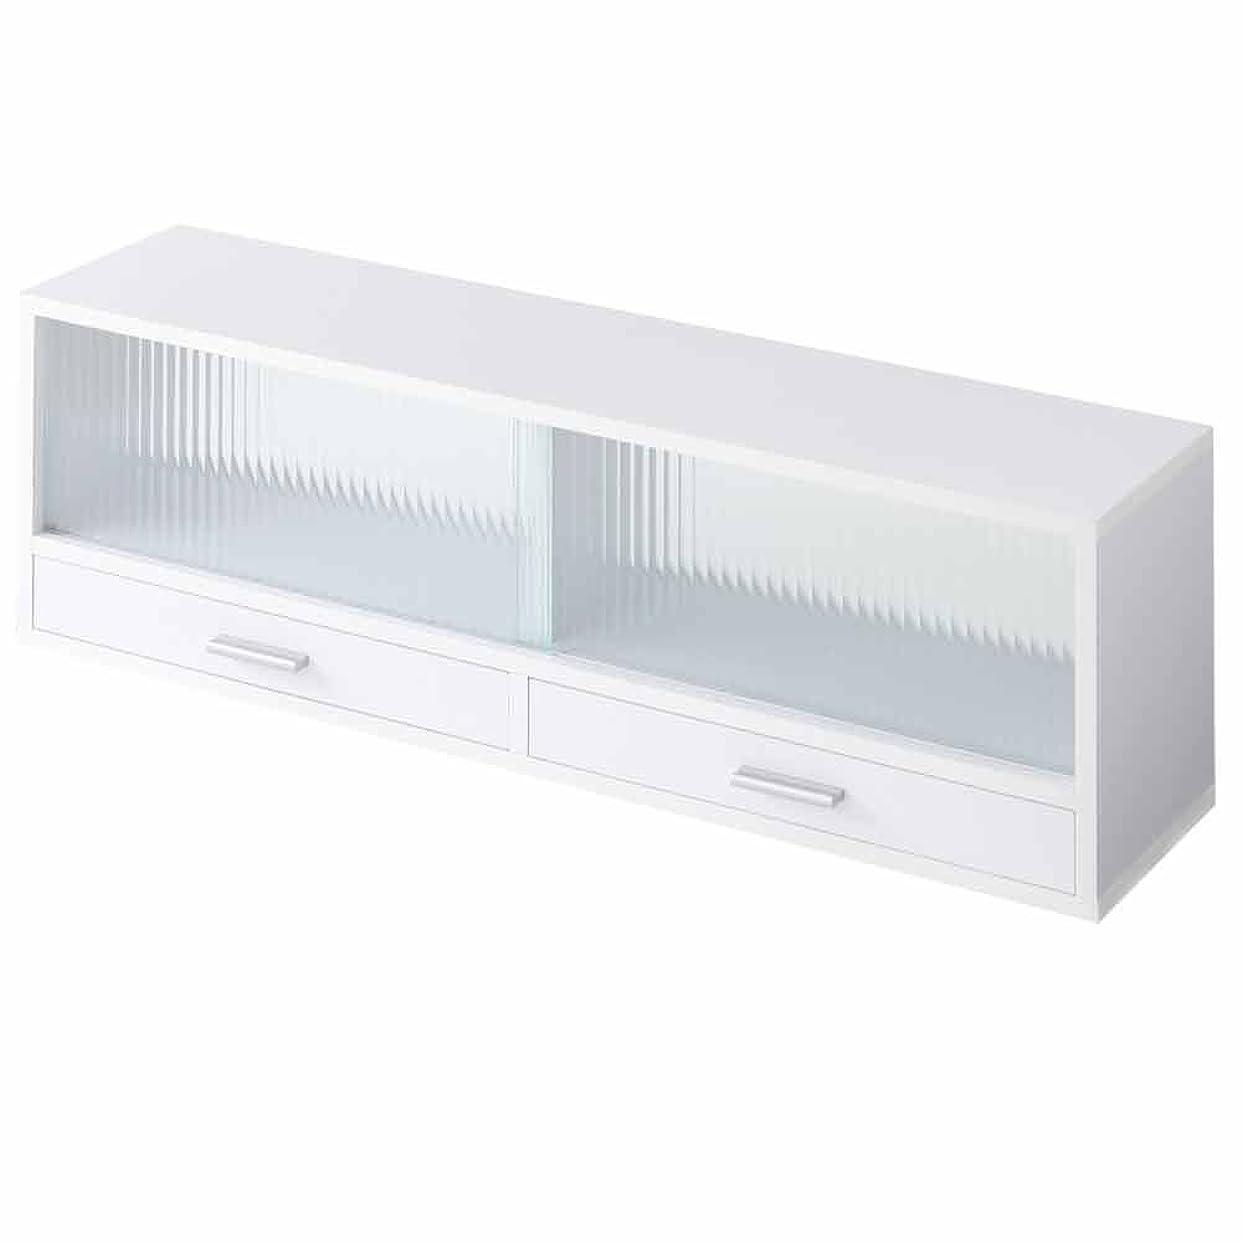 思いやり海外に勝るぼん家具 食器棚 ミニ カウンター上収納 キッチン 収納 ラック 調味料入れ 90cm幅 ホワイト